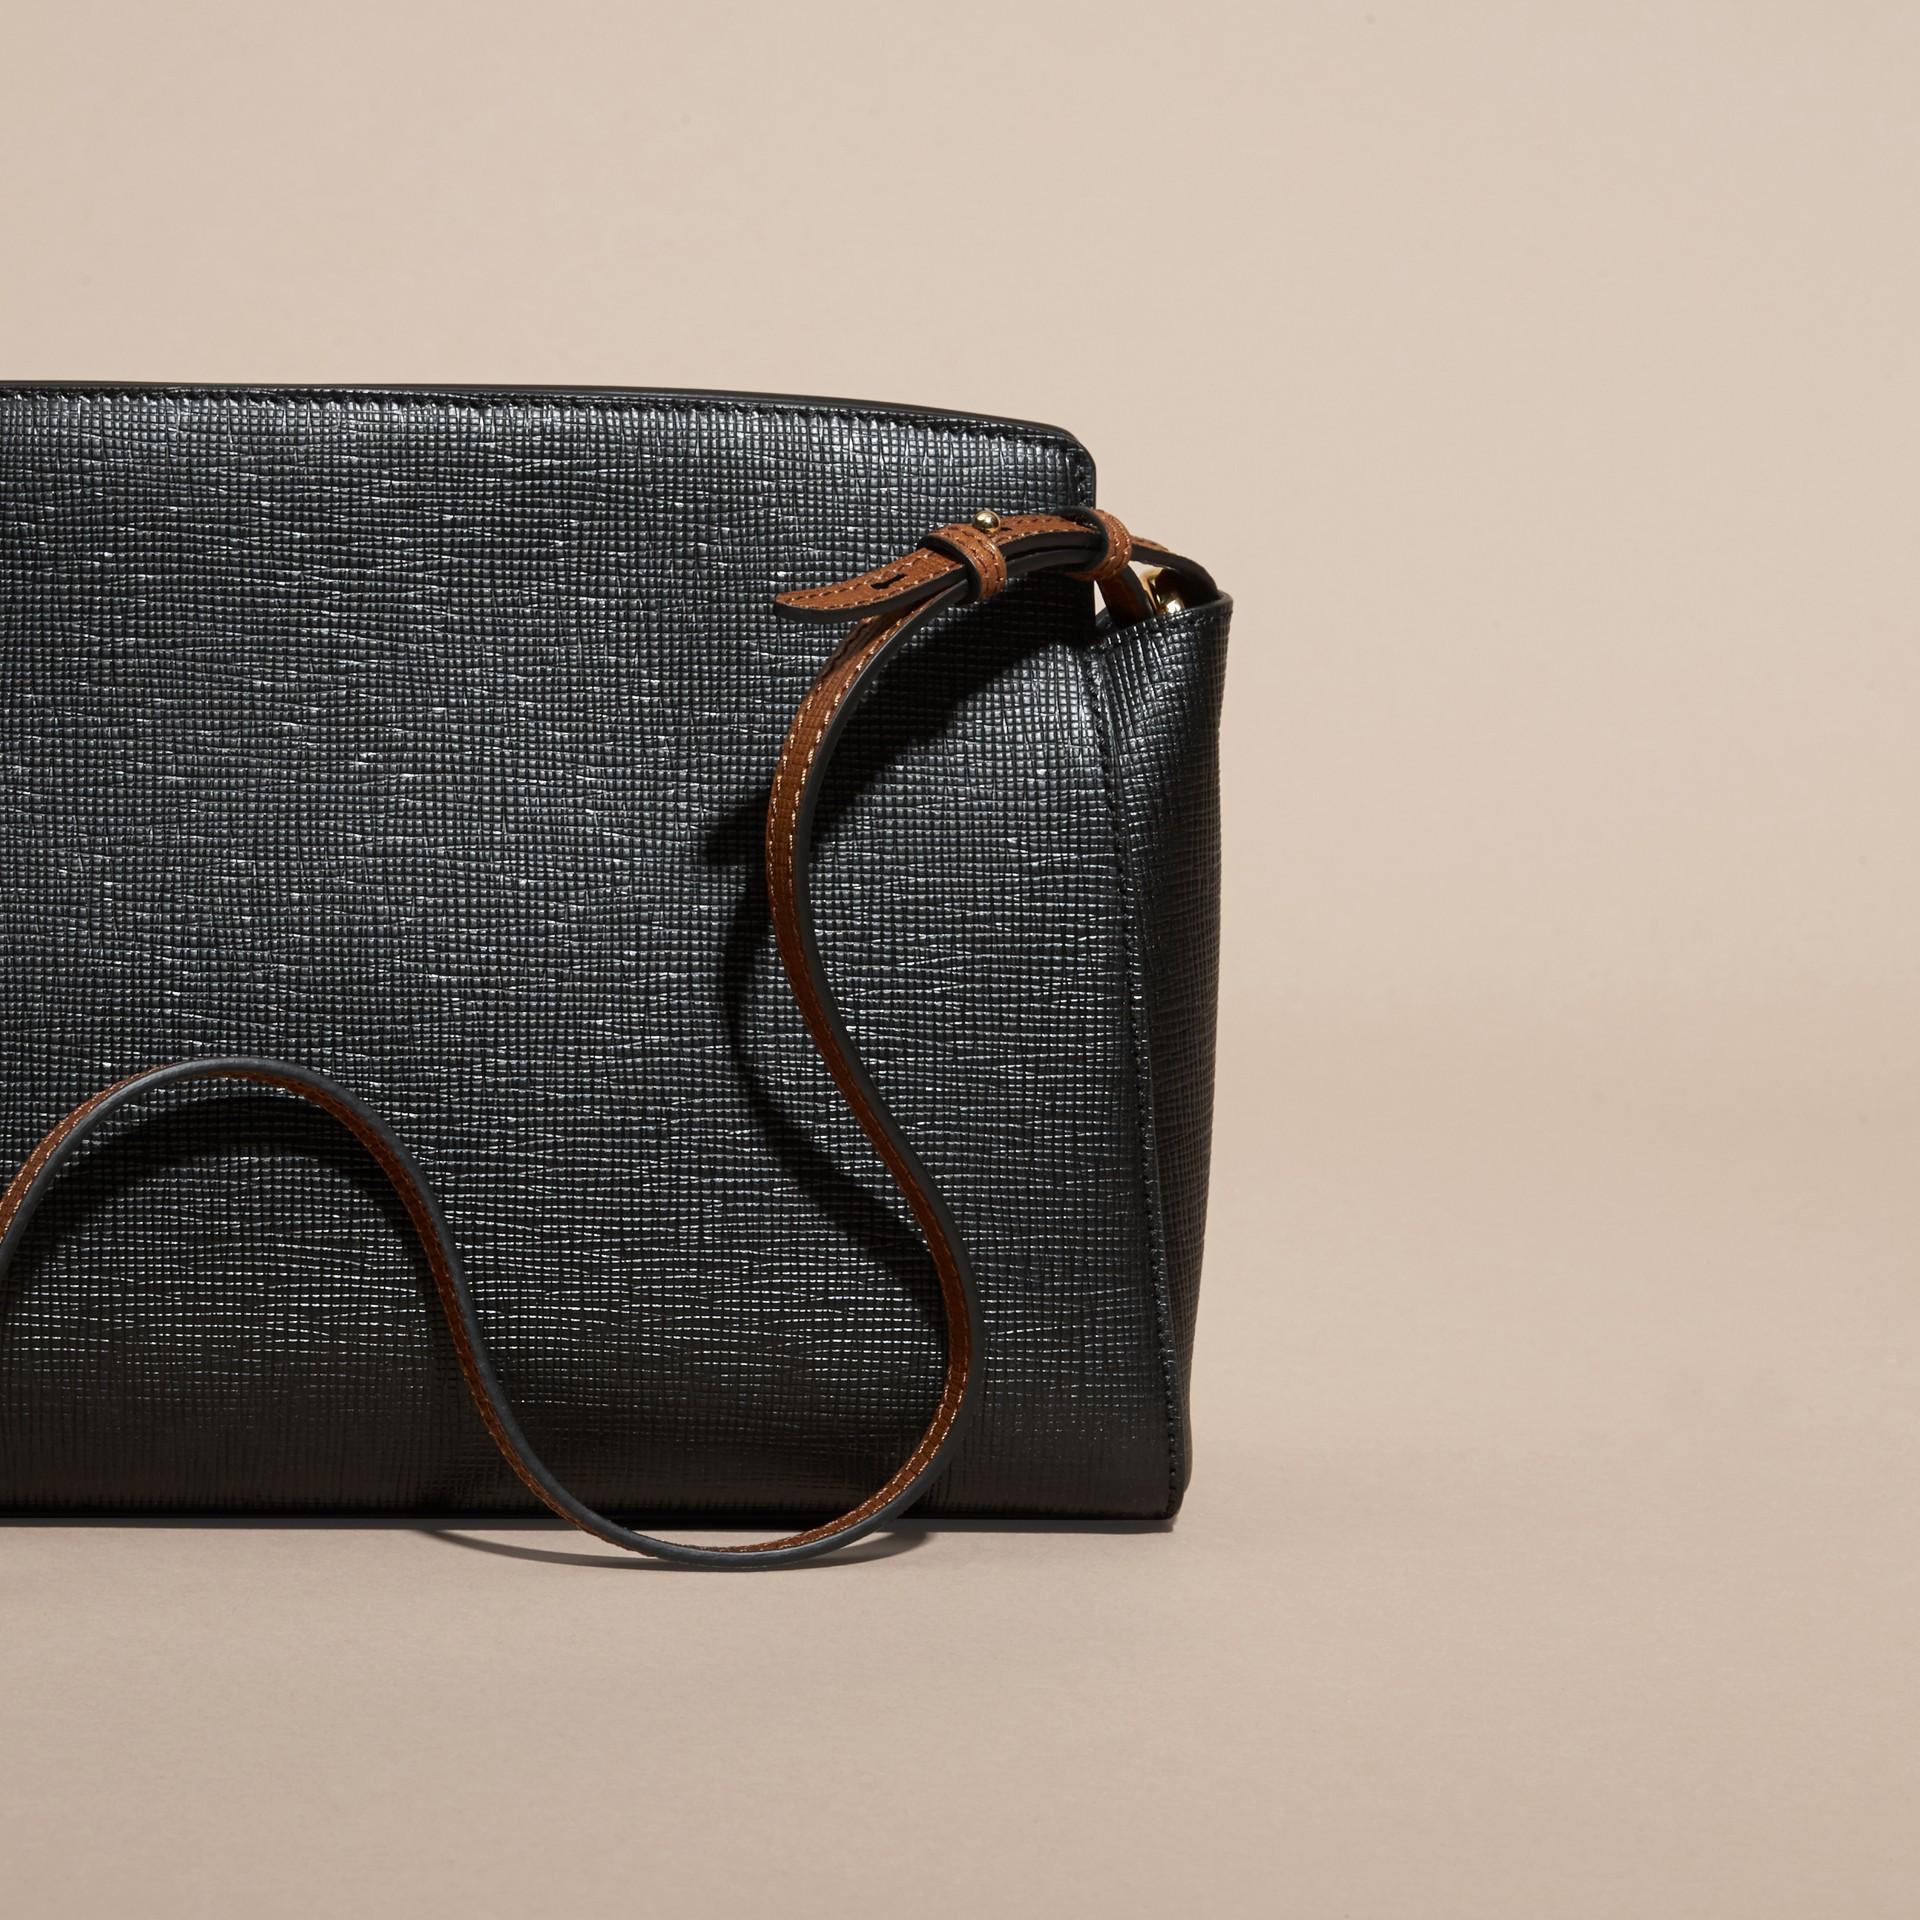 Черный Сумка-клатч Saddle из текстурной кожи - изображение 5